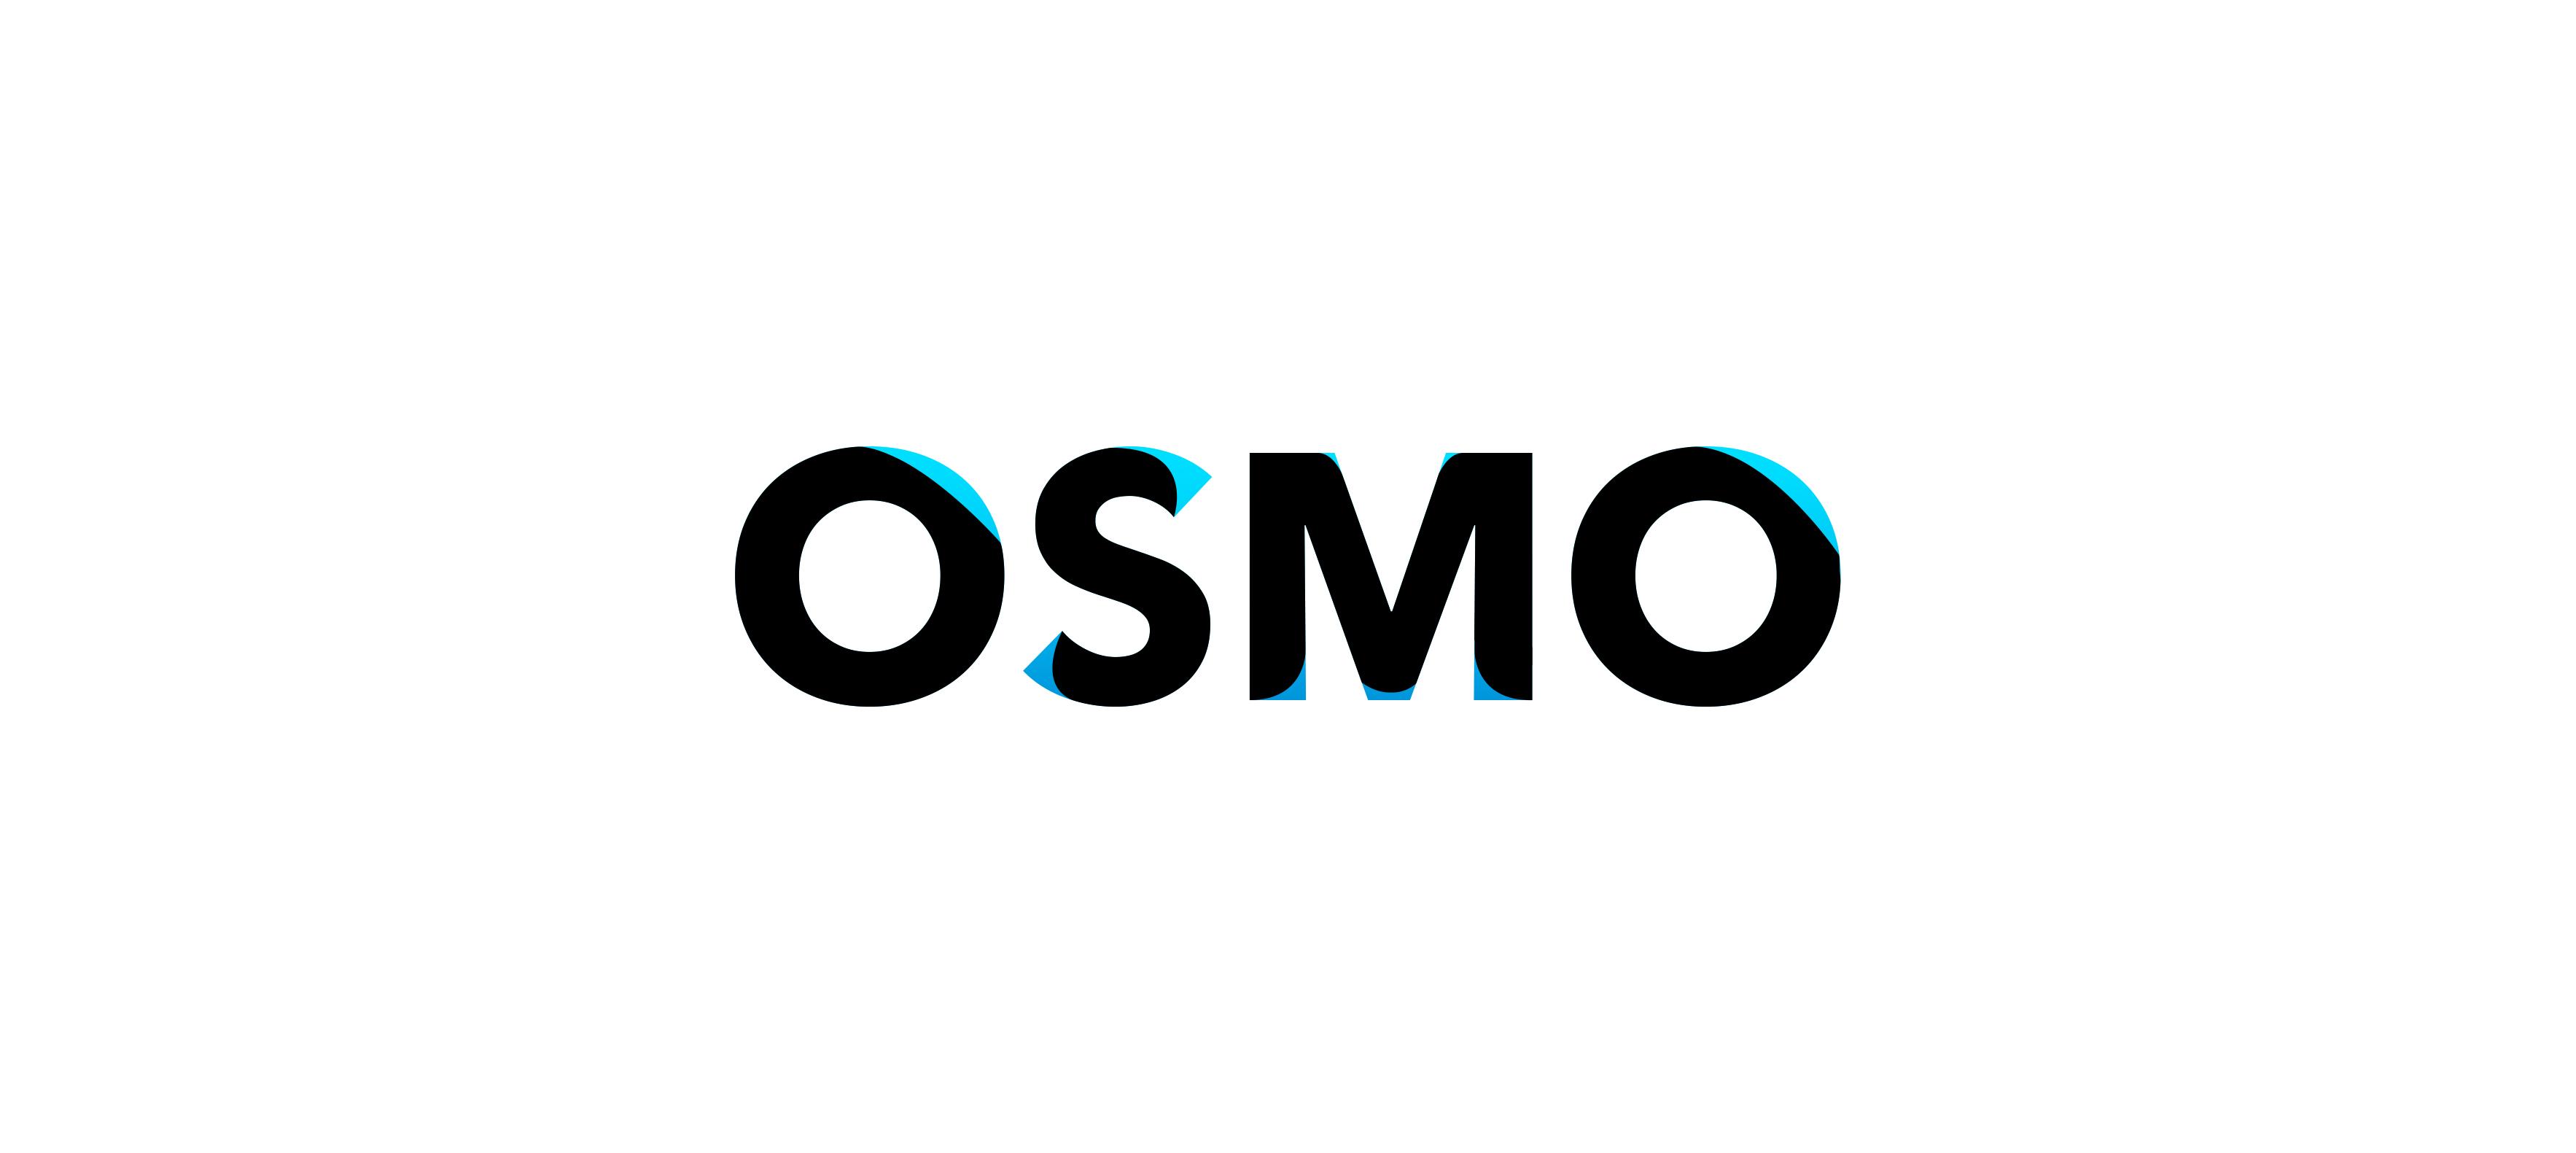 Создание логотипа для строительной компании OSMO group  фото f_18259b6bcce7d5d2.jpg